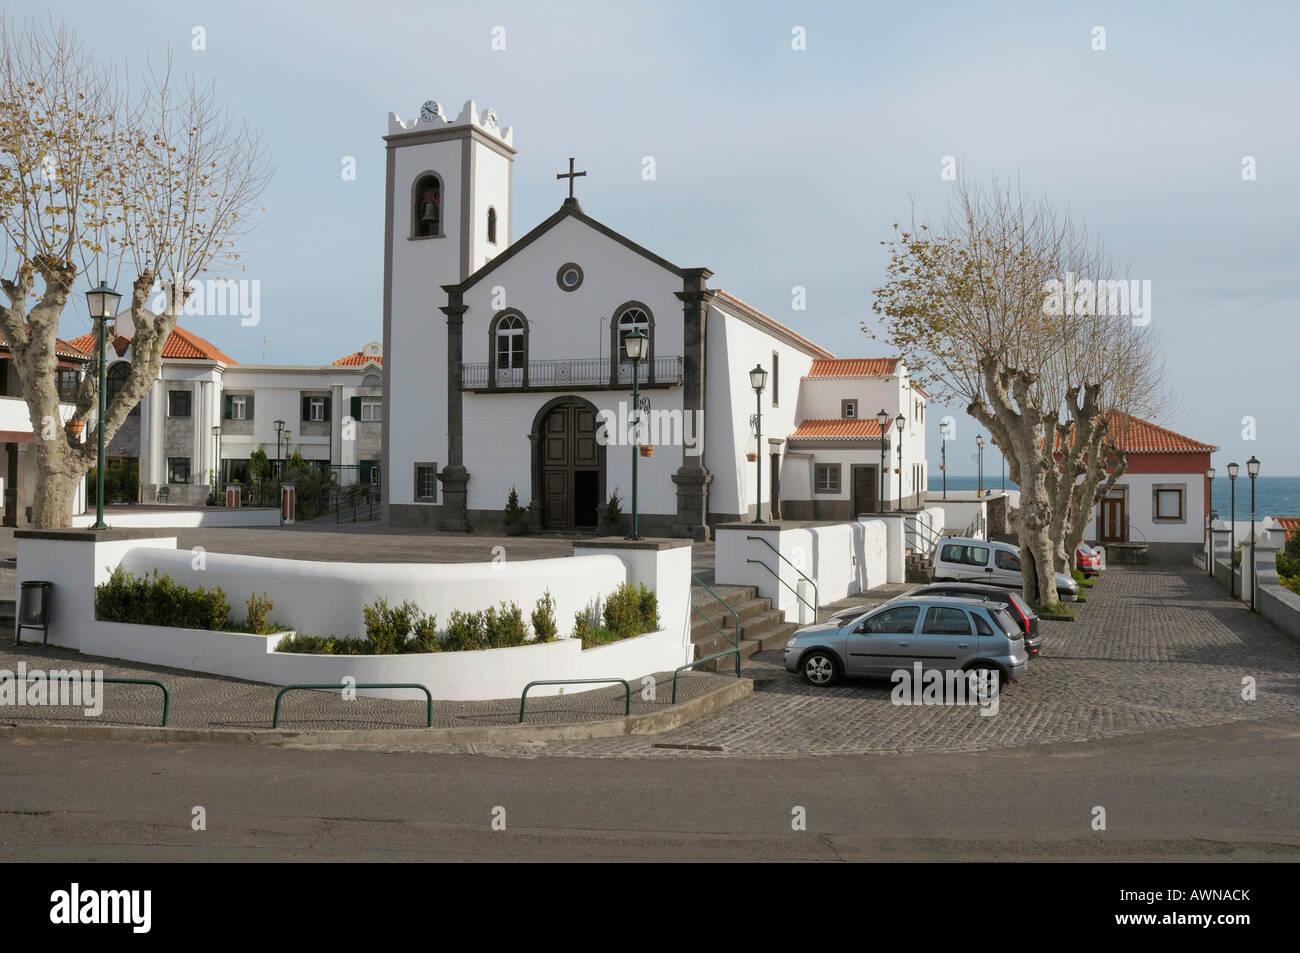 ponta delgada christian singles Residential for sale, single family home ponta delgada (açores)ilha de são miguel (açores) 9500-517, portugal with 5 bedrooms and 3 bathrooms.